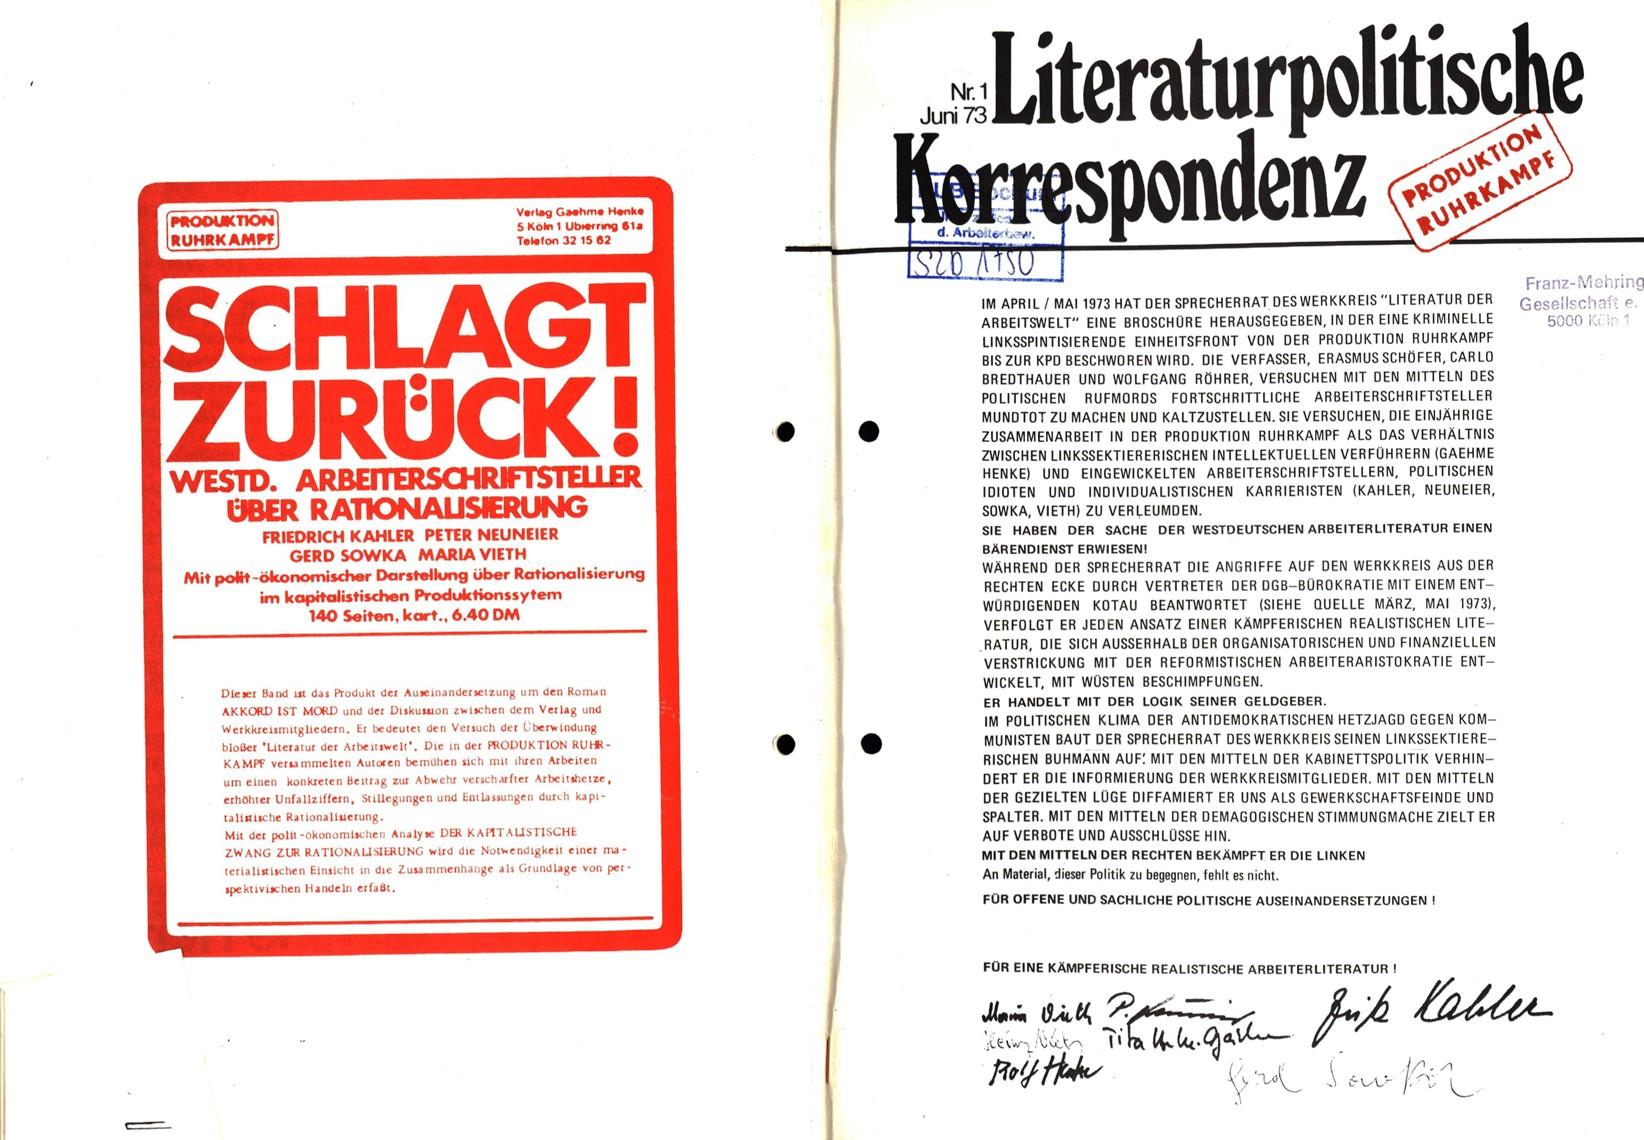 Ruhrkampf_Literaturpolitische_Korrespondenz_19730600_01